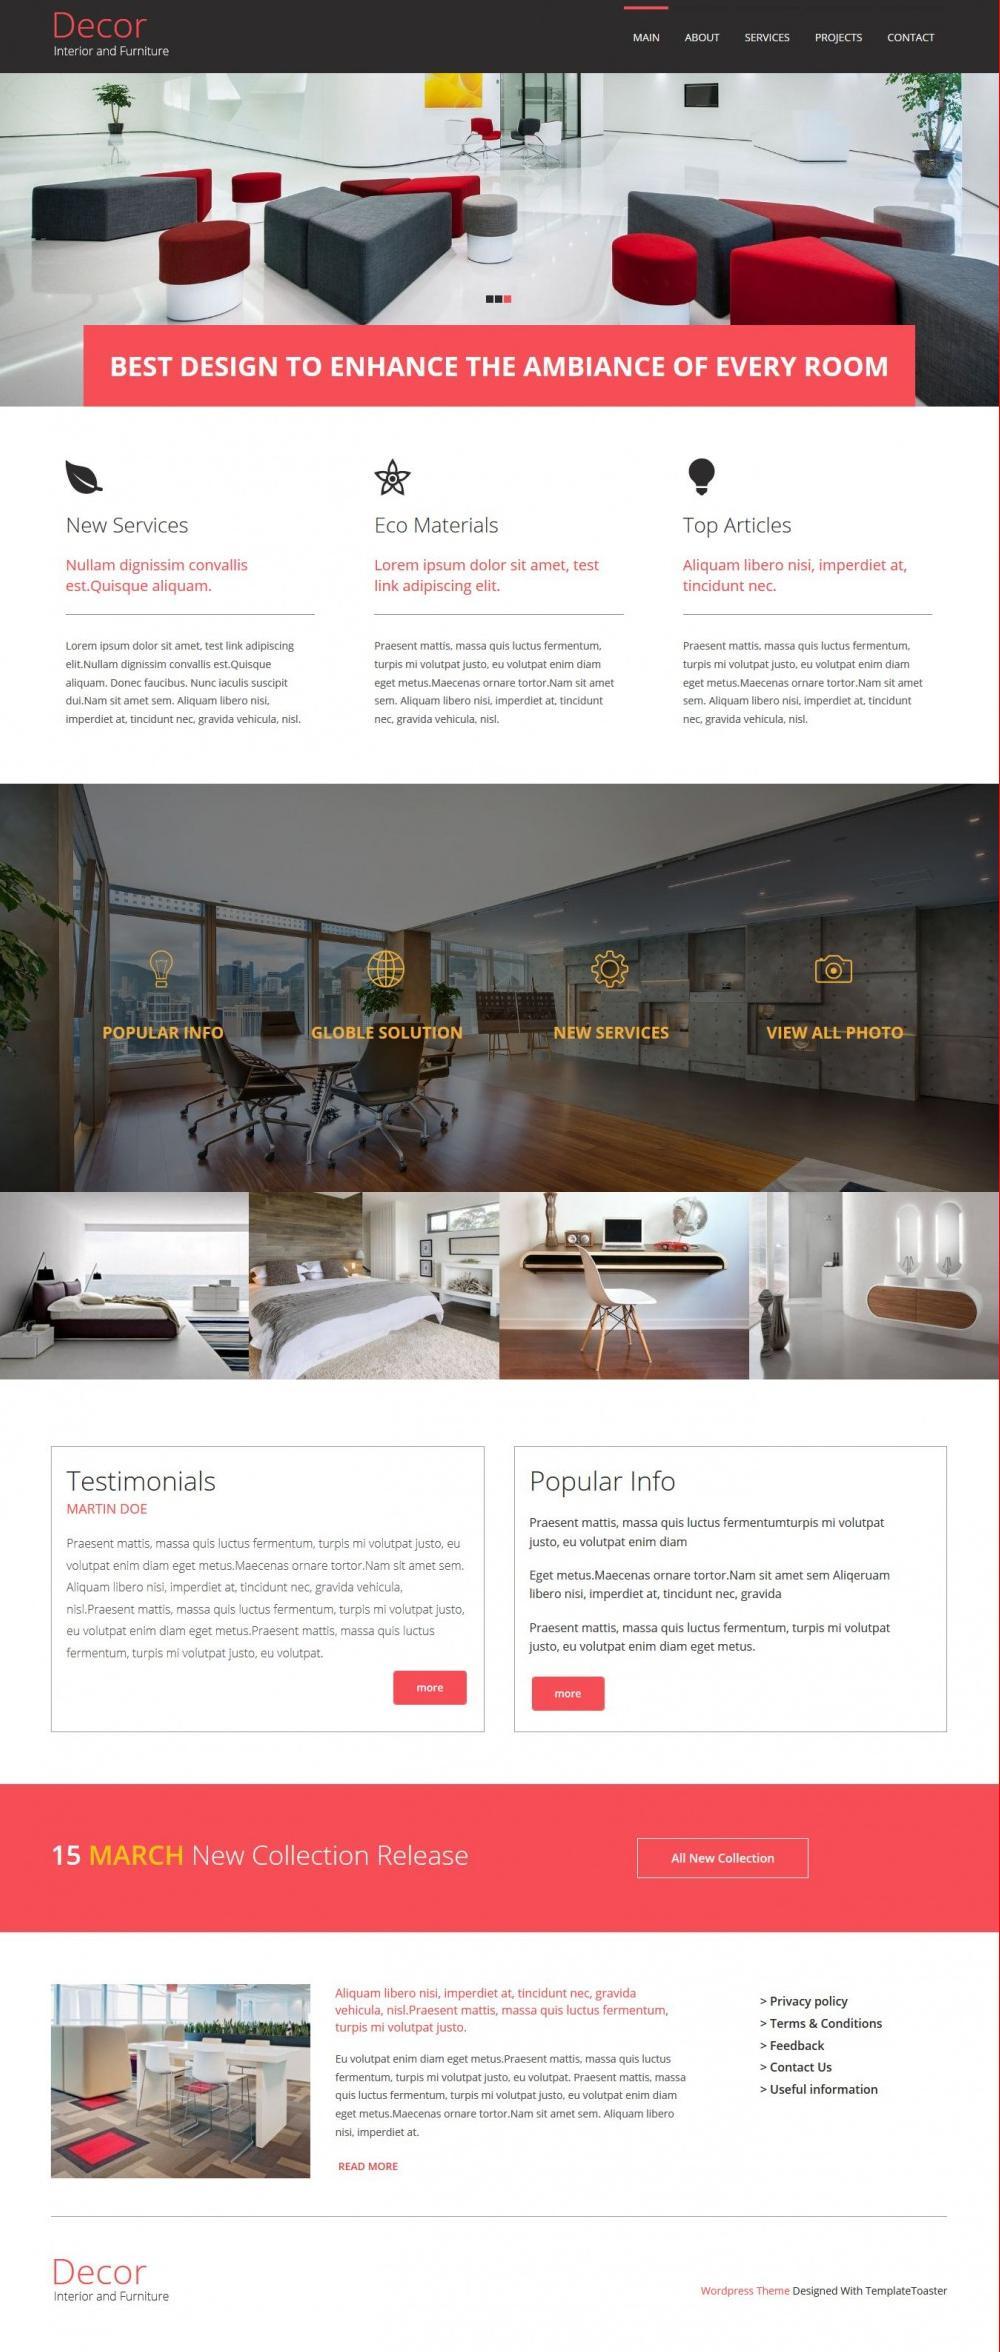 Decore Interior and Furniture Blogger Template - TemplateToaster